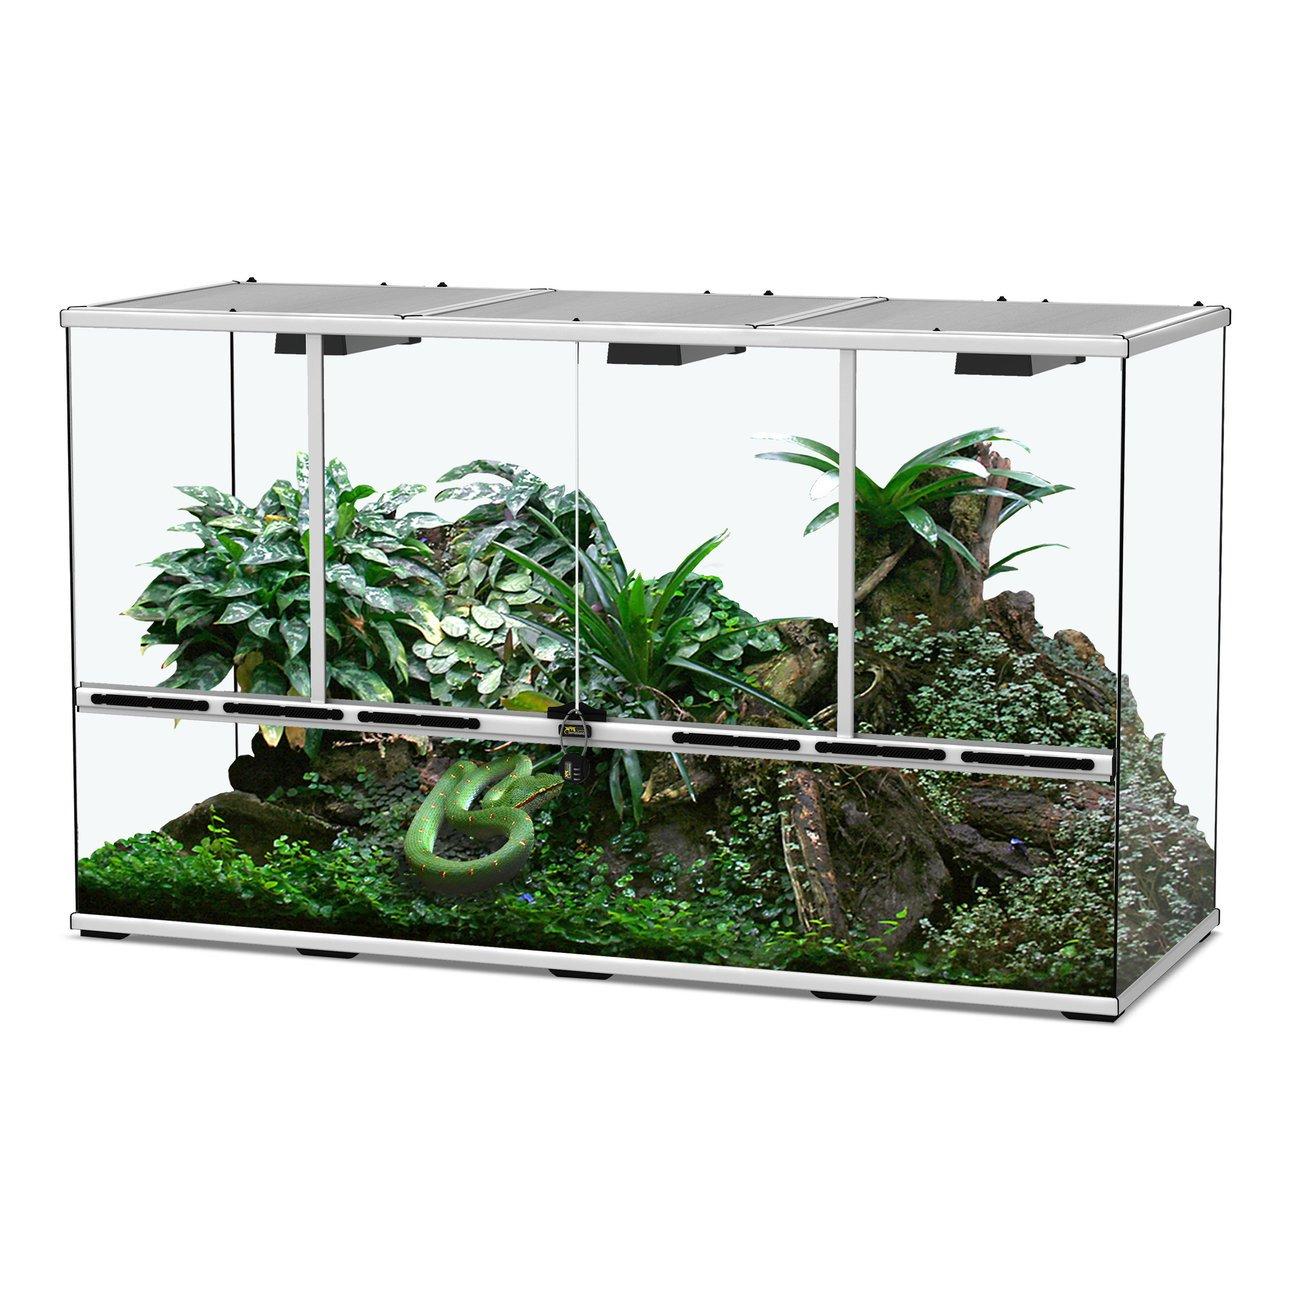 Aquatlantis Terratlantis Glasterrarium, 132x45x75cm